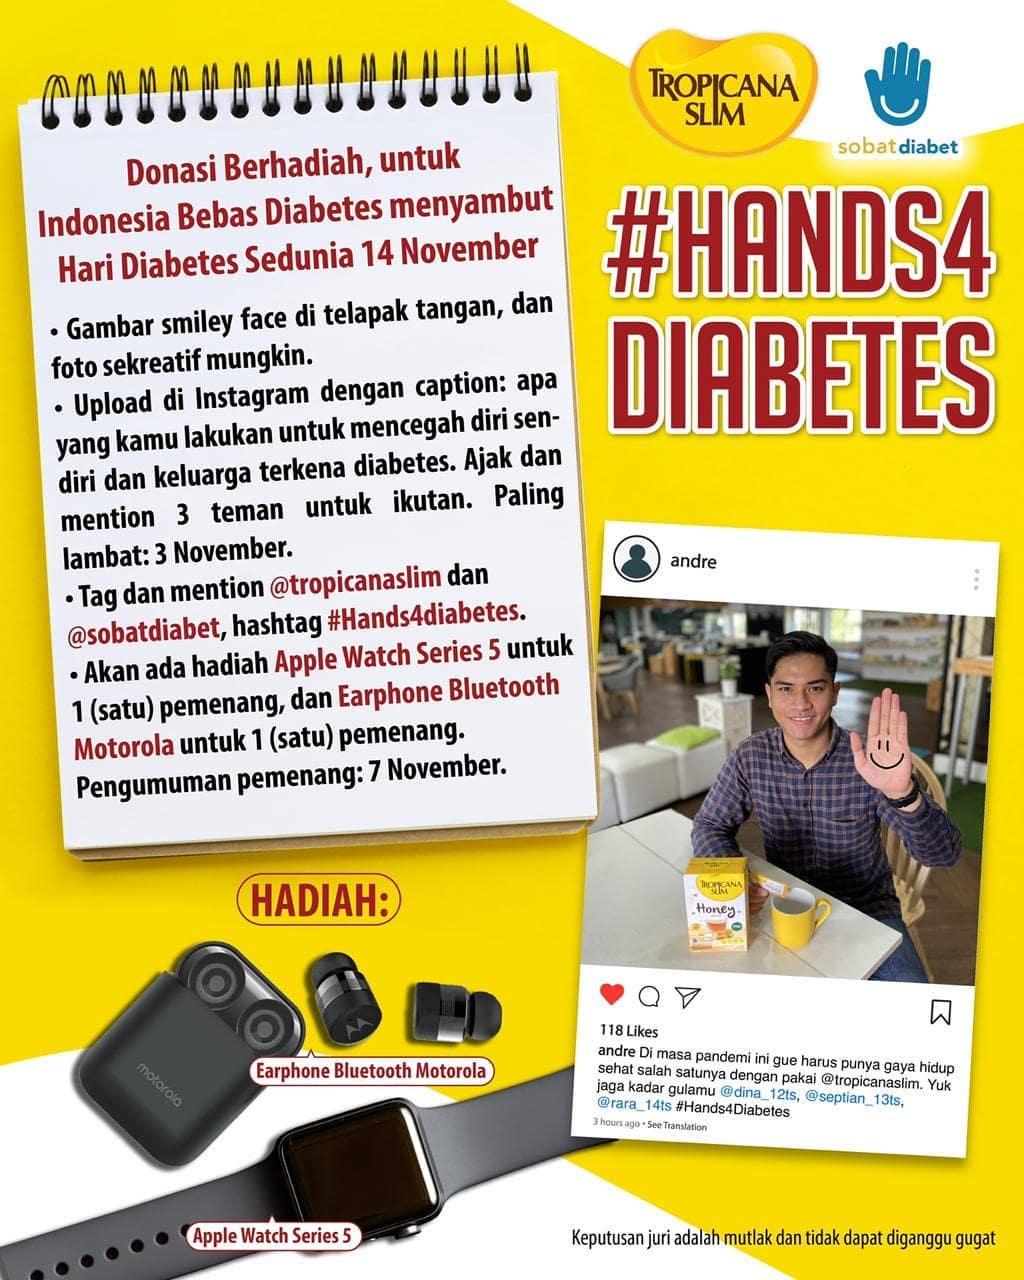 #Hands4Diabetes Tropicana Slim dan Sobat Diabet 2020